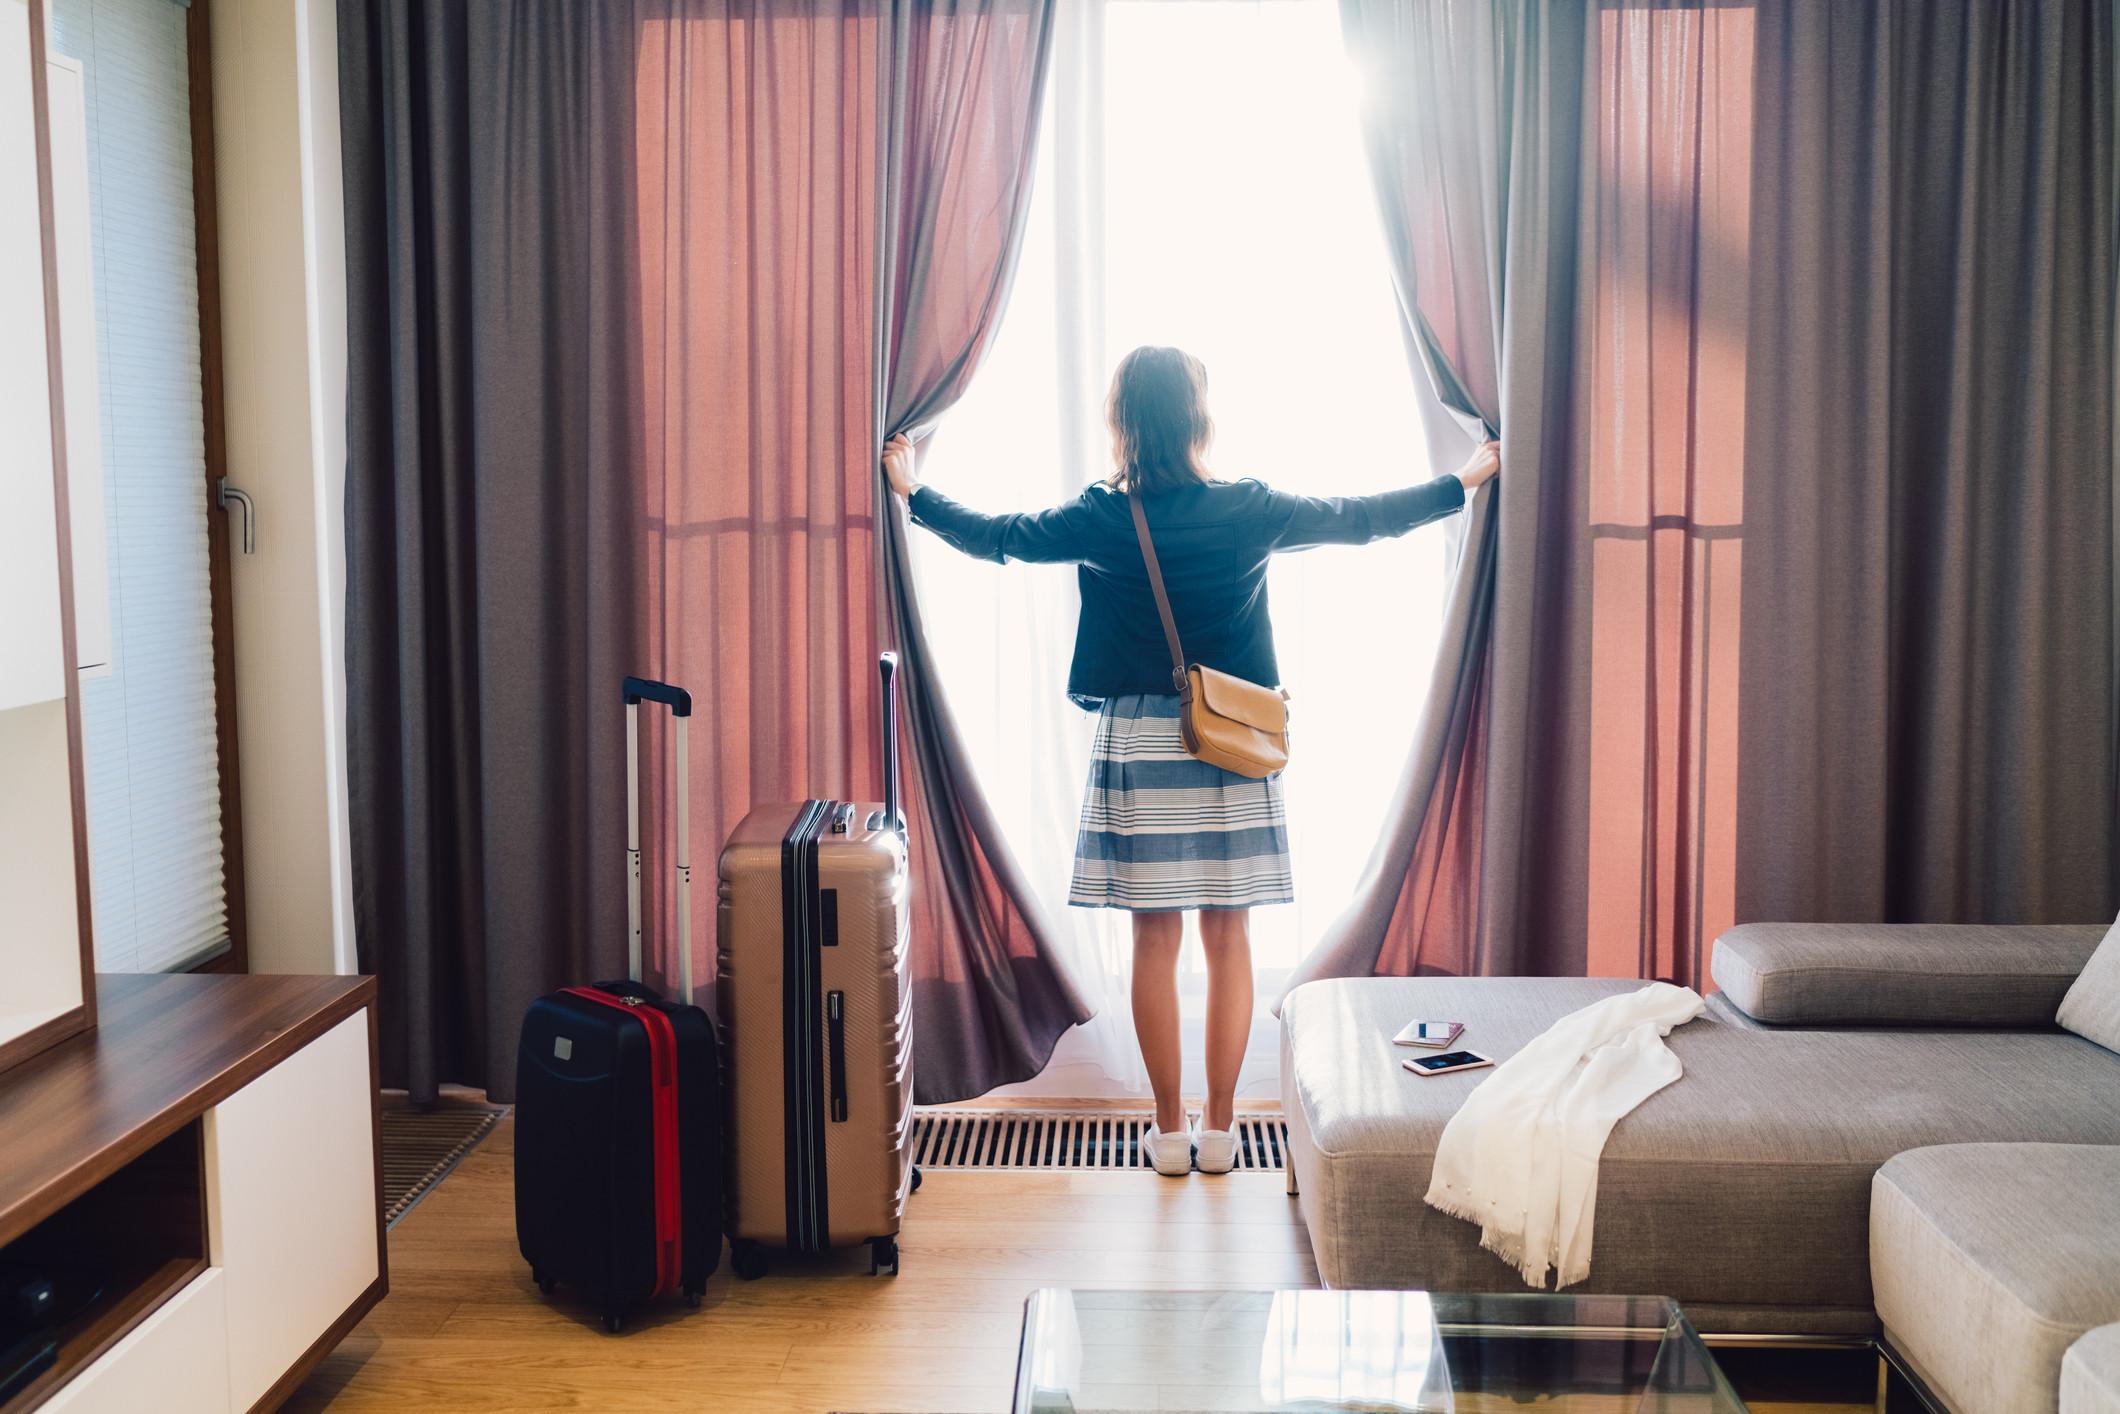 Dormidas de turistas aumentaram 4,7% para três milhões em janeiro